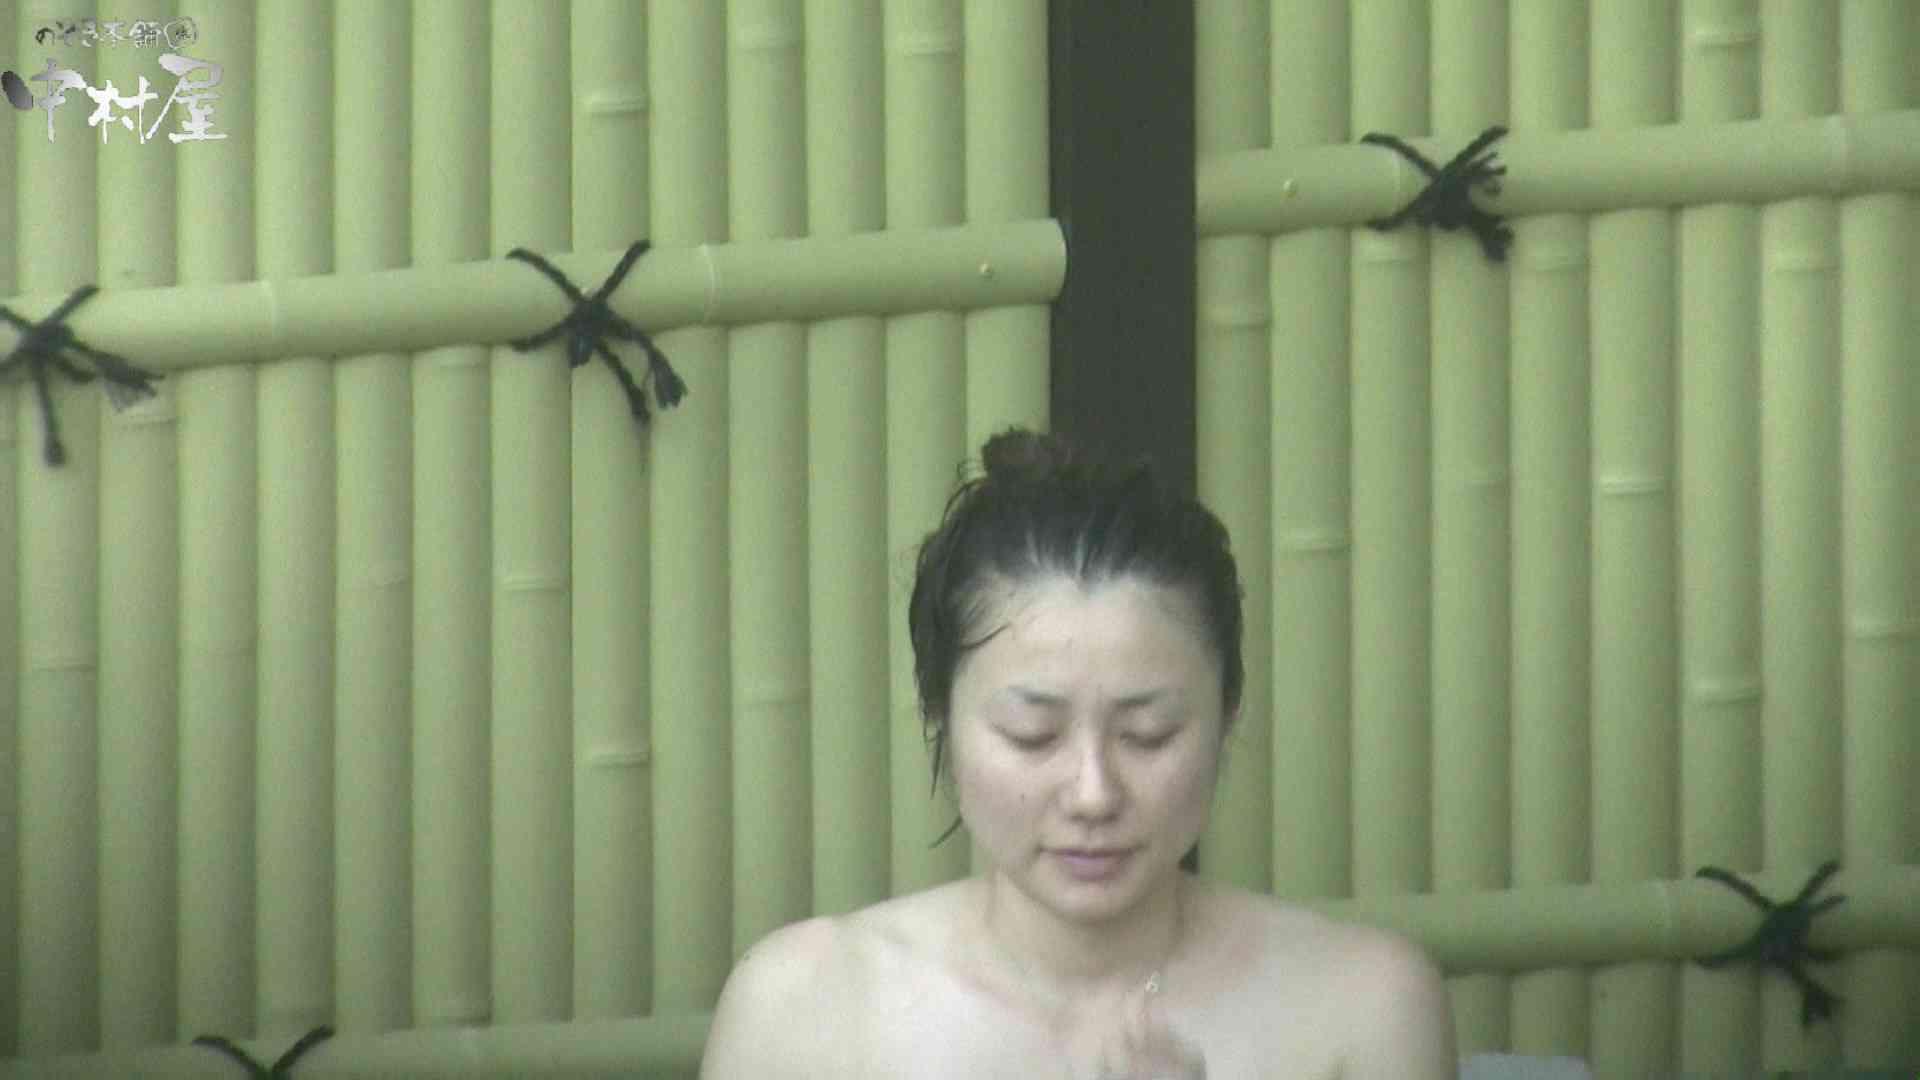 Aquaな露天風呂Vol.969 盗撮  52画像 15